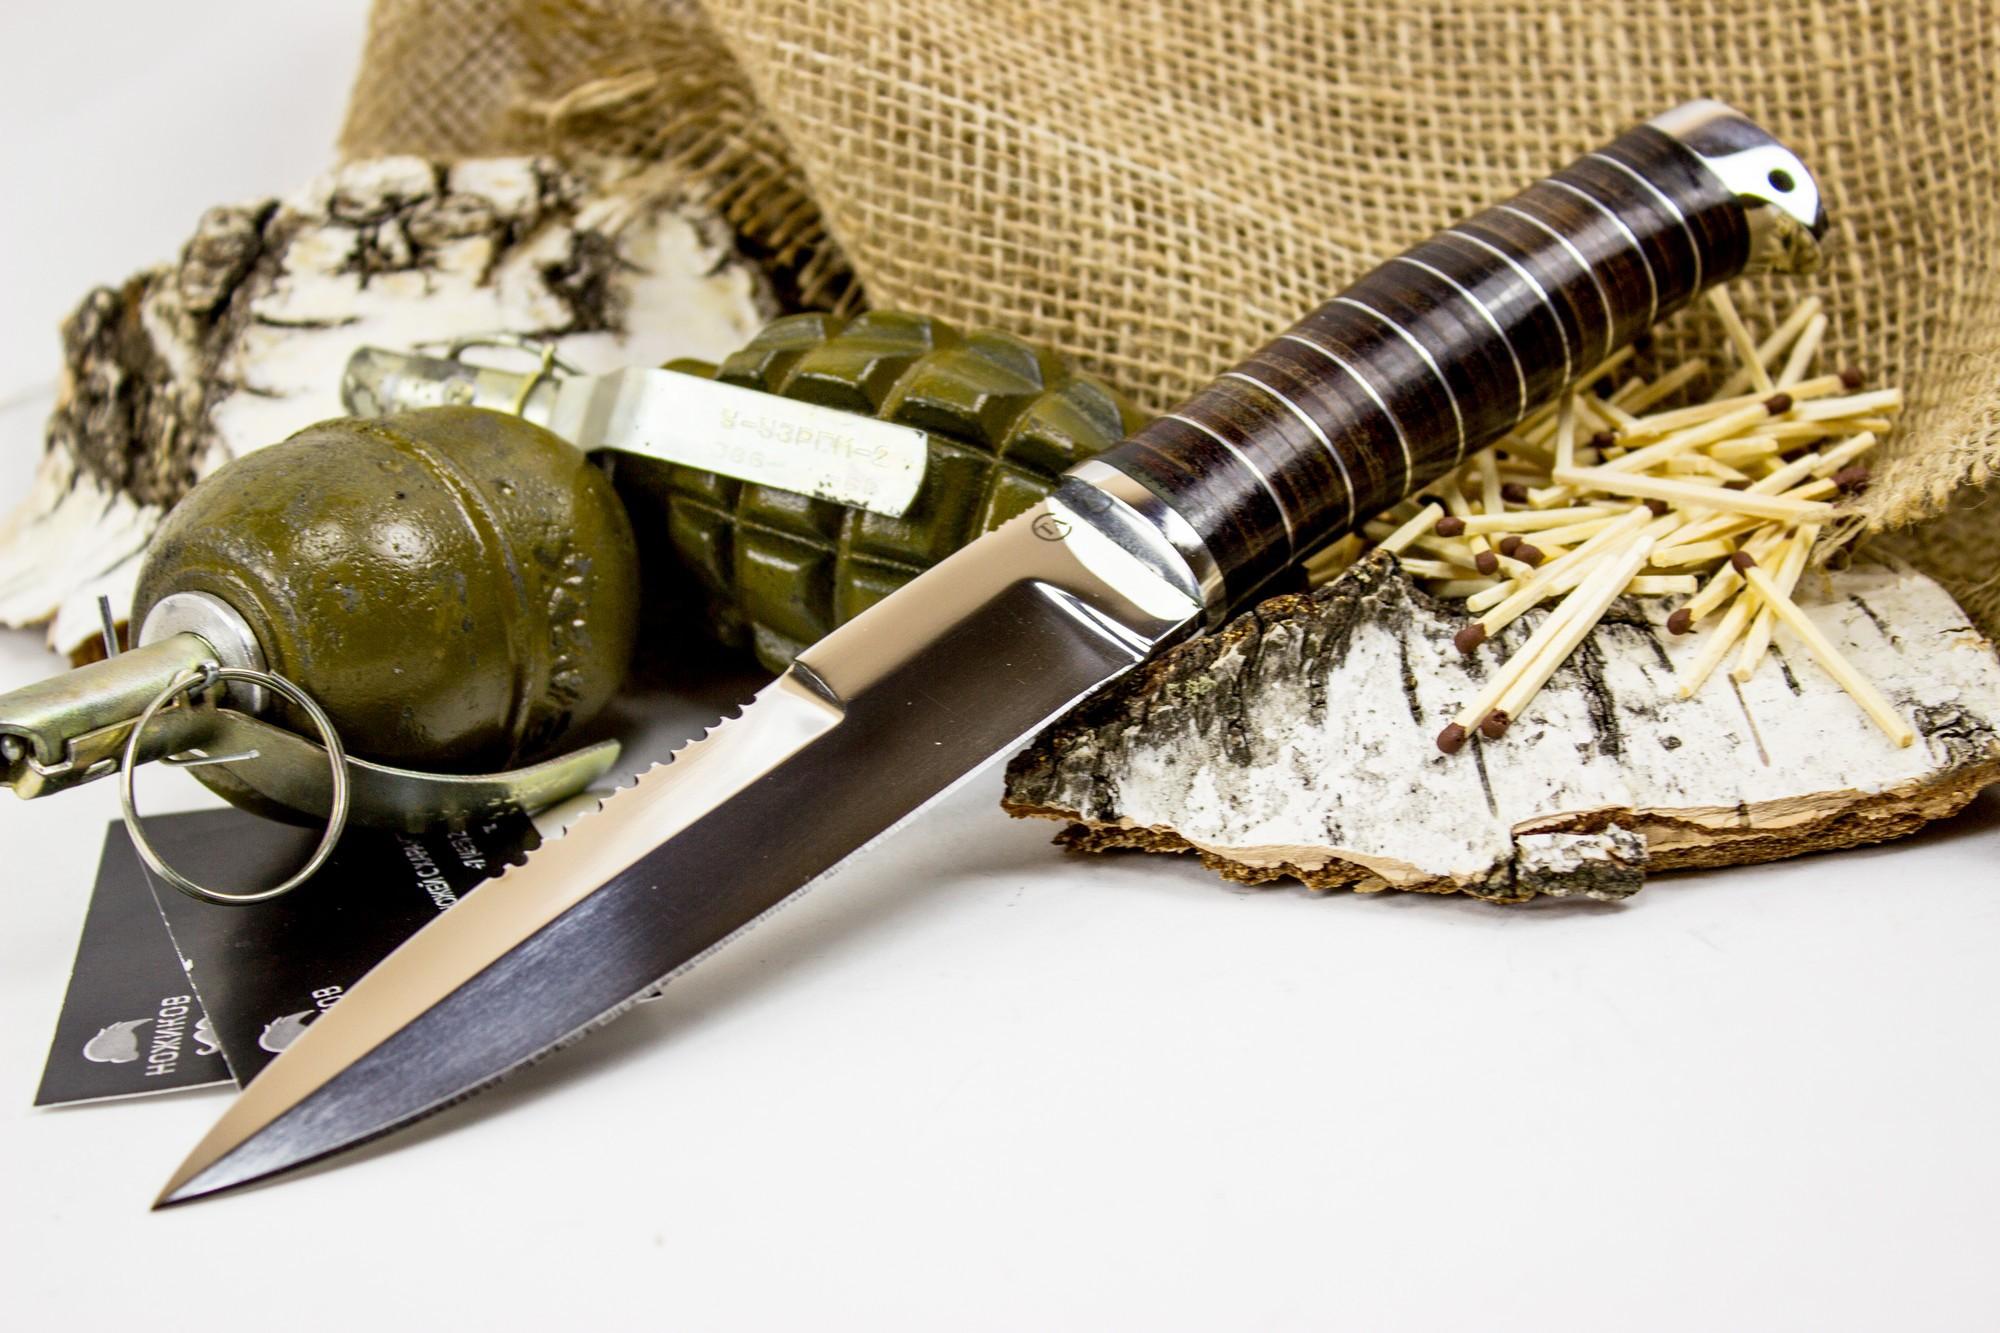 Фото 6 - Нож Пограничник, сталь 95х18, кожа от Титов и Солдатова